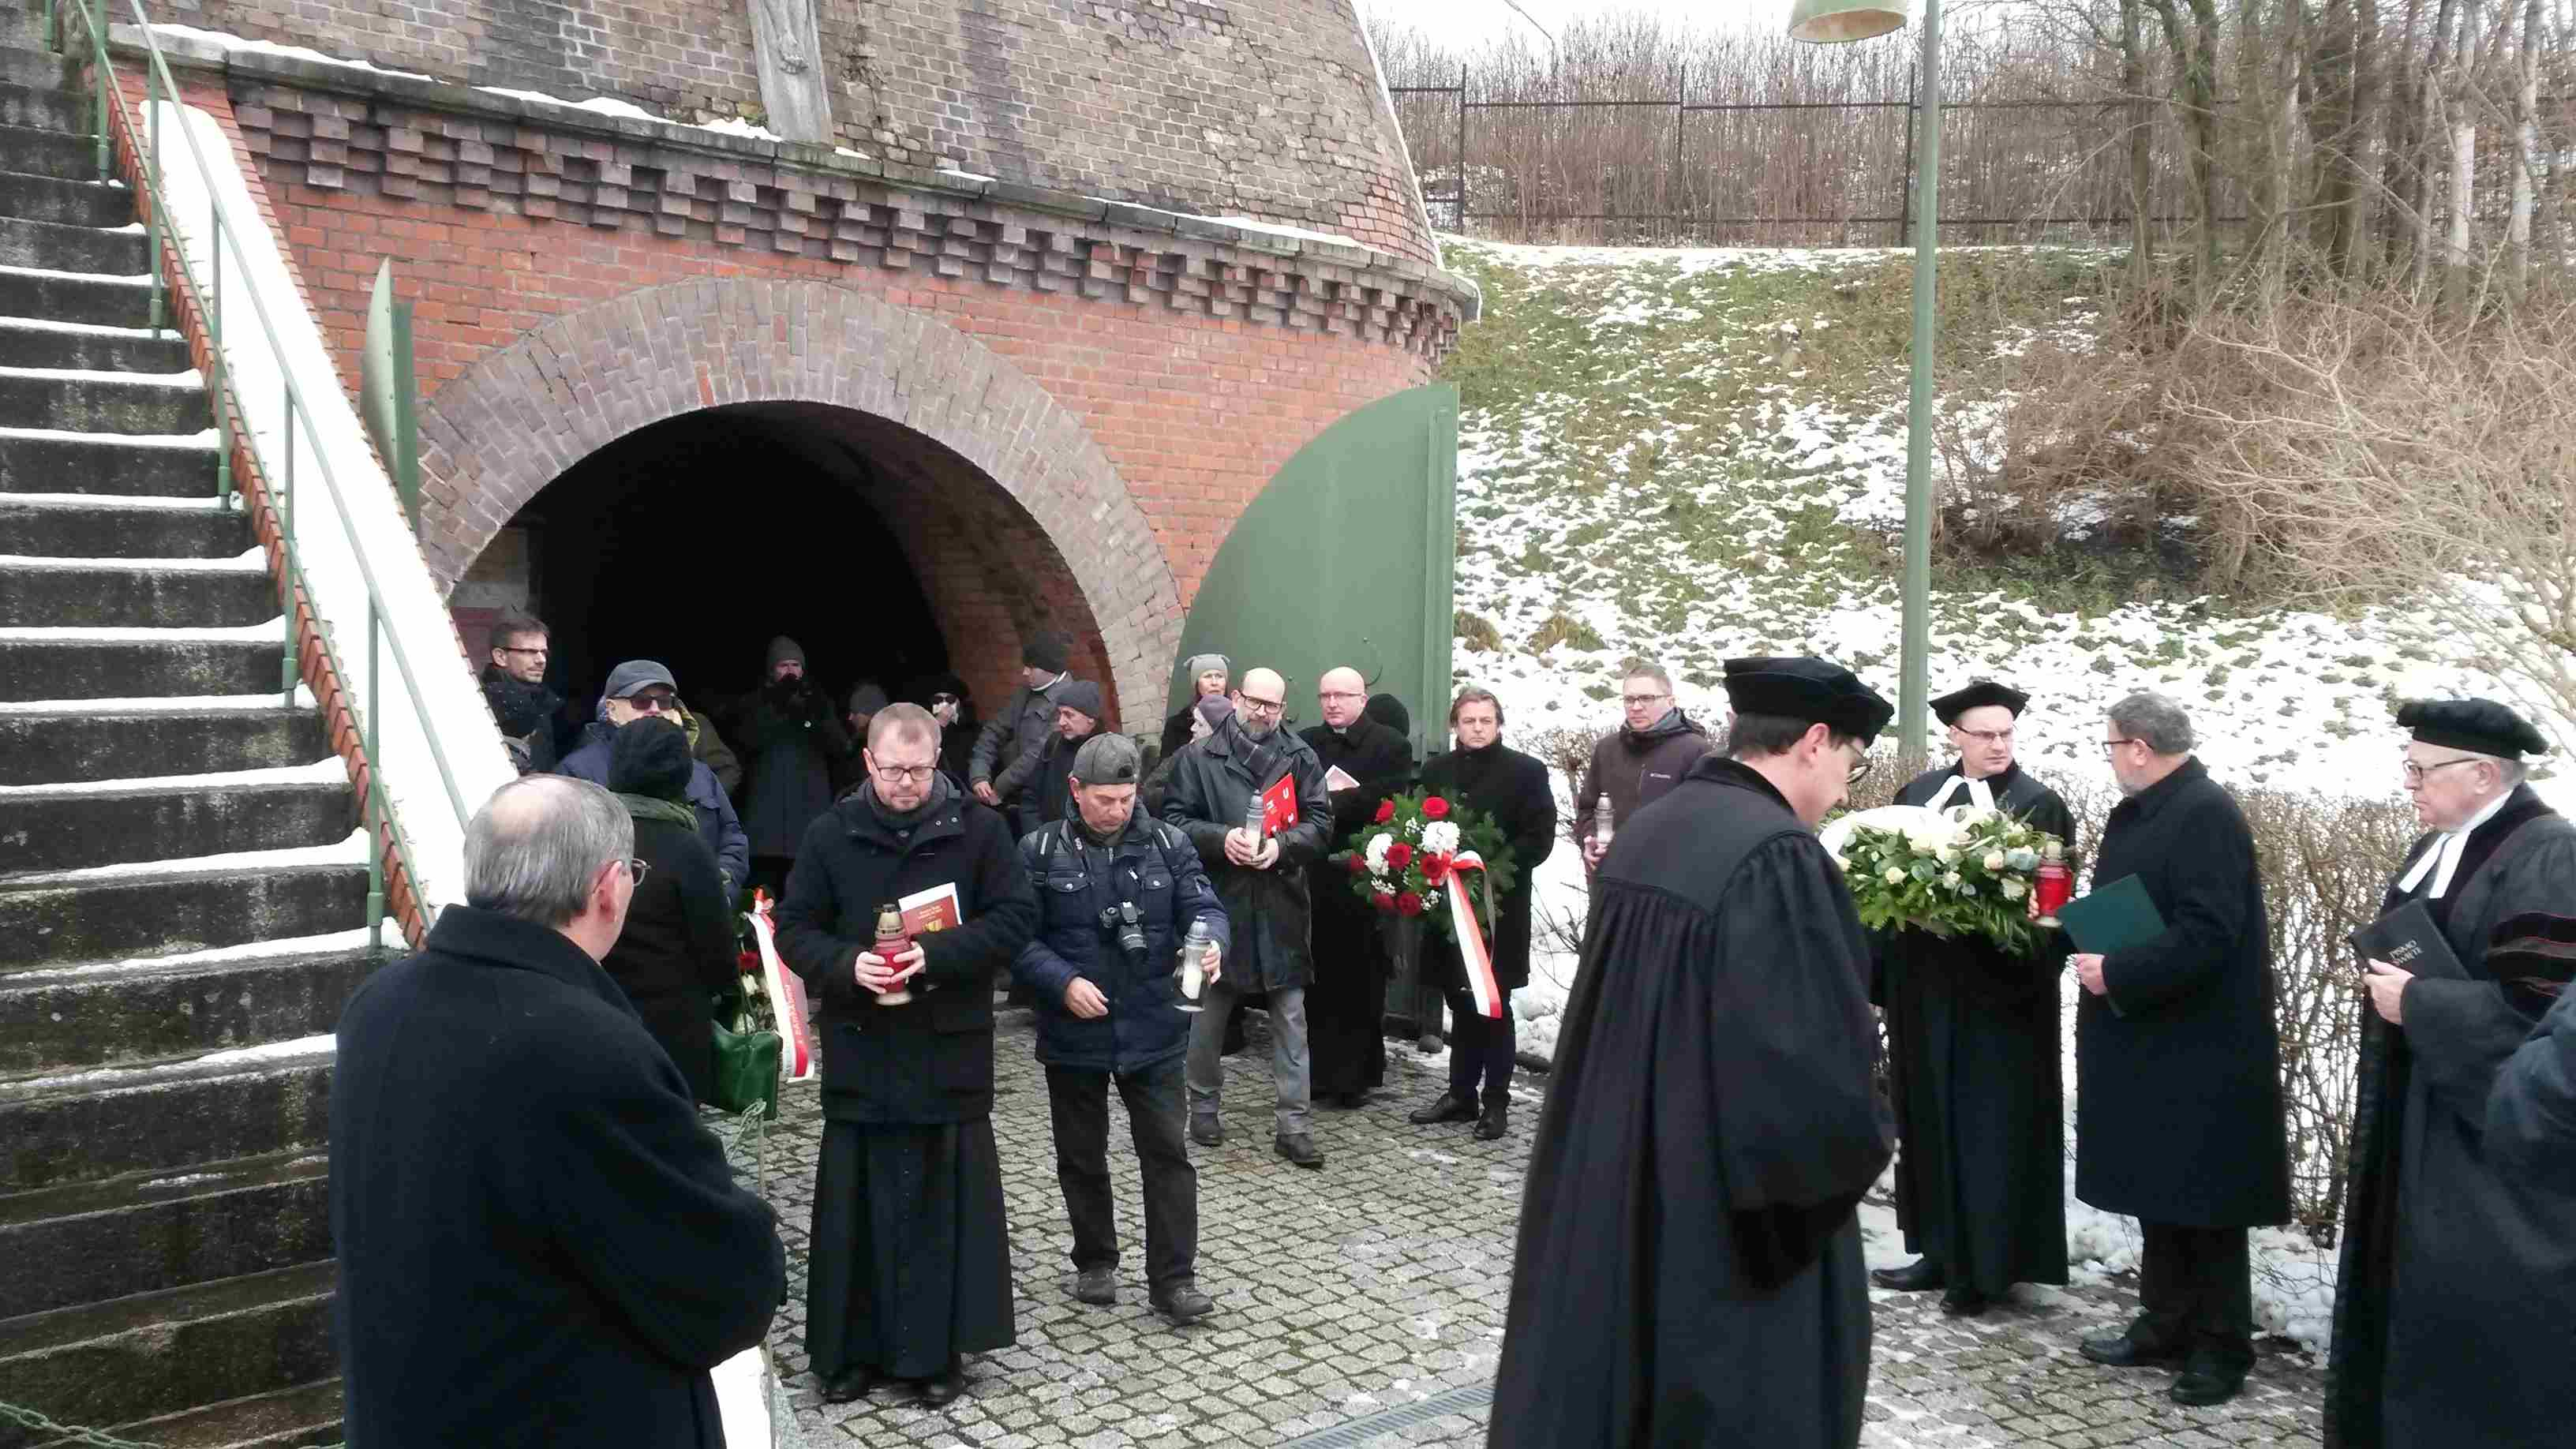 tydzień modlitw o jedność chrześcijan poznań - Jacek Butlewski